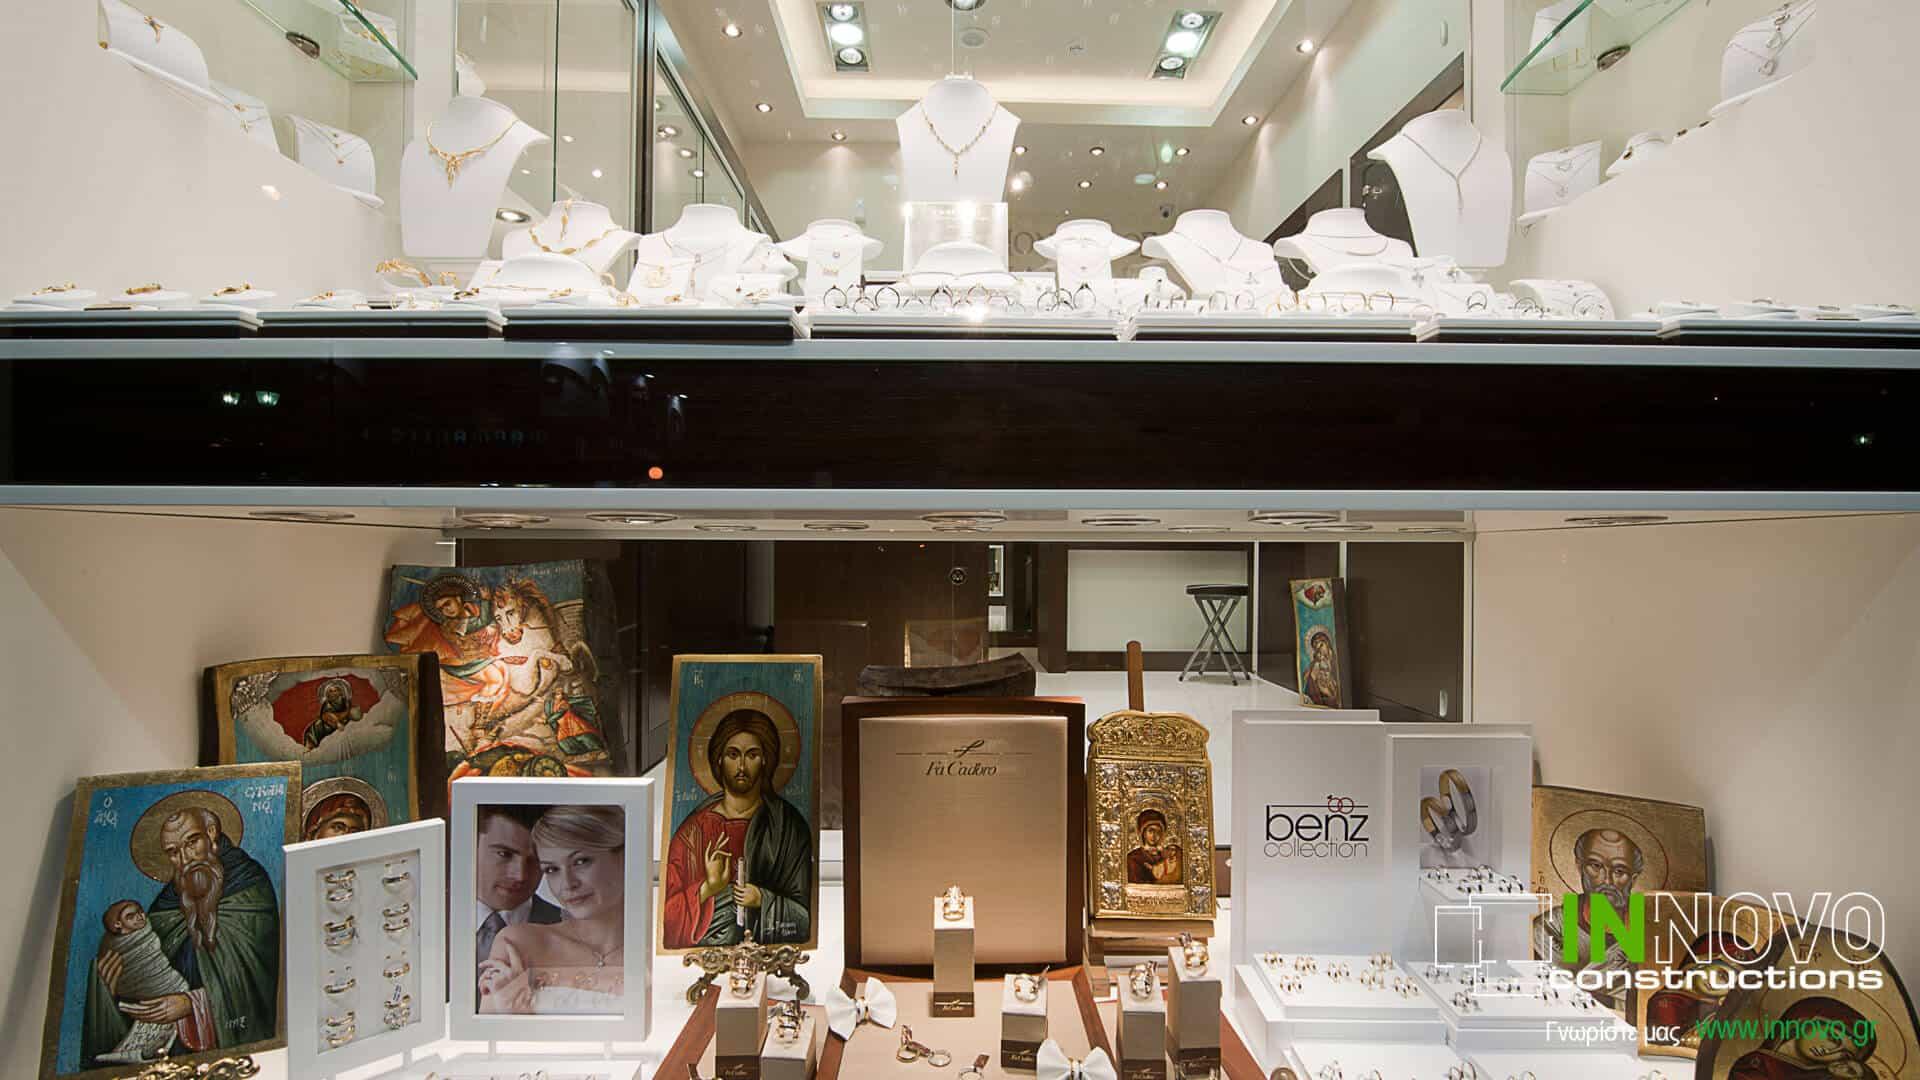 anakainisi-kosmimatopoleiou-jewelry-renovation-kosmimatopoleio-peiraias-1297-7